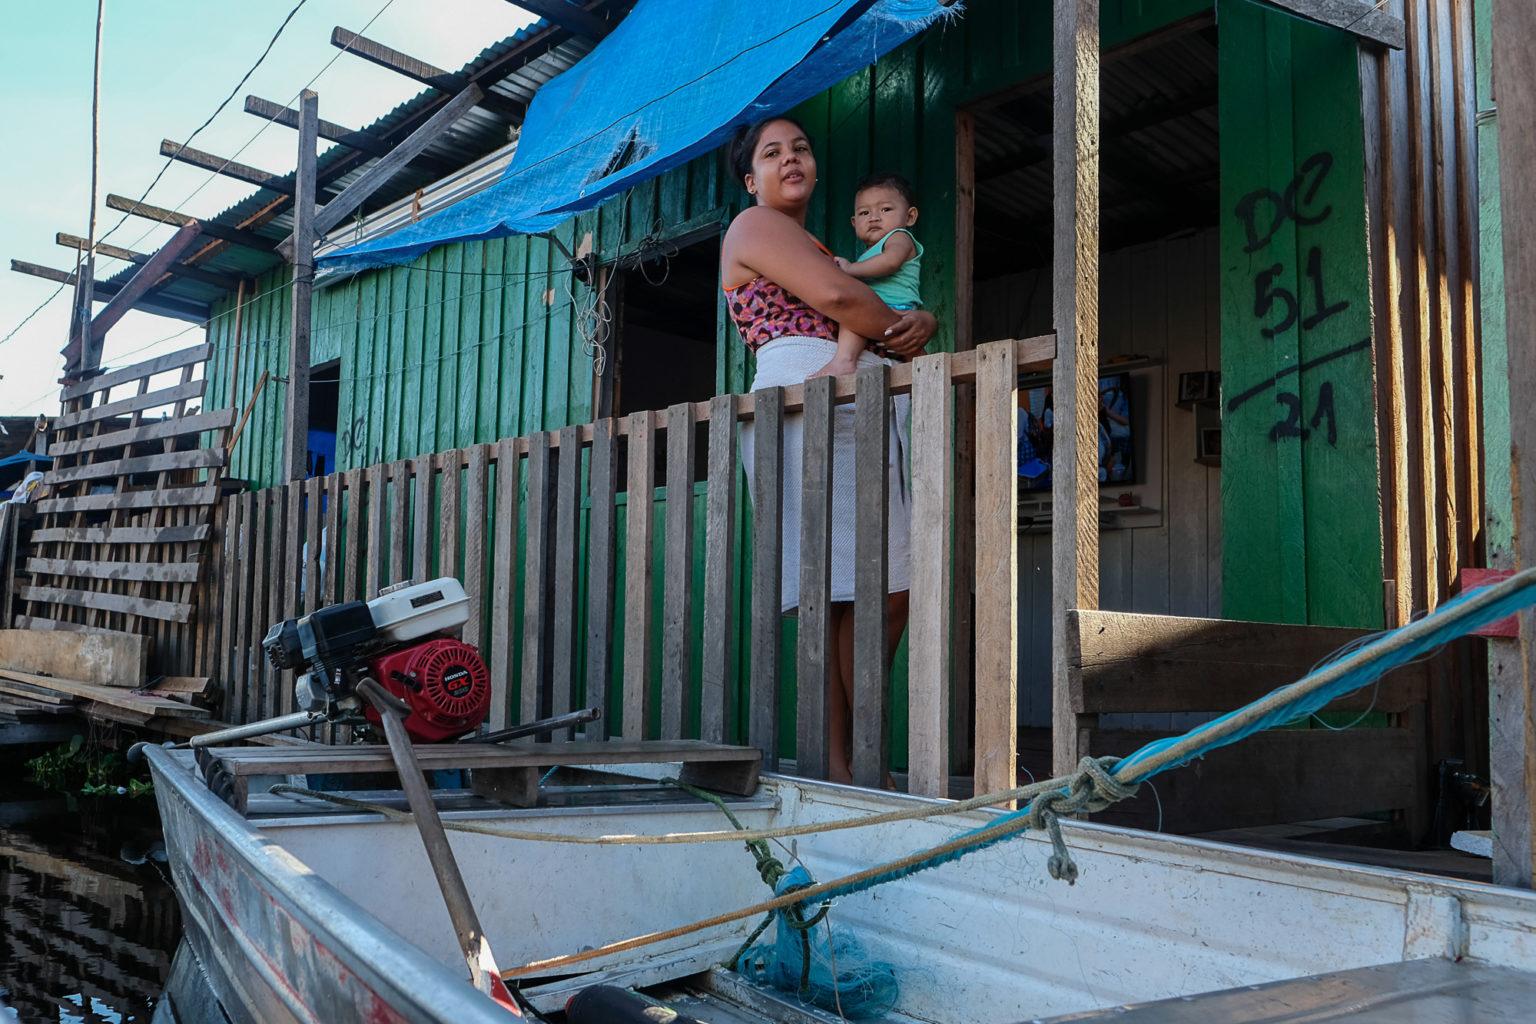 Pâmela Gomes com o filho em sua casa no bairro do Educandos, em Manaus: sofrimento com as cheias recorrentes desde o ano de 2012 (Foto: Alberto César Araújo/Amazônia Real)